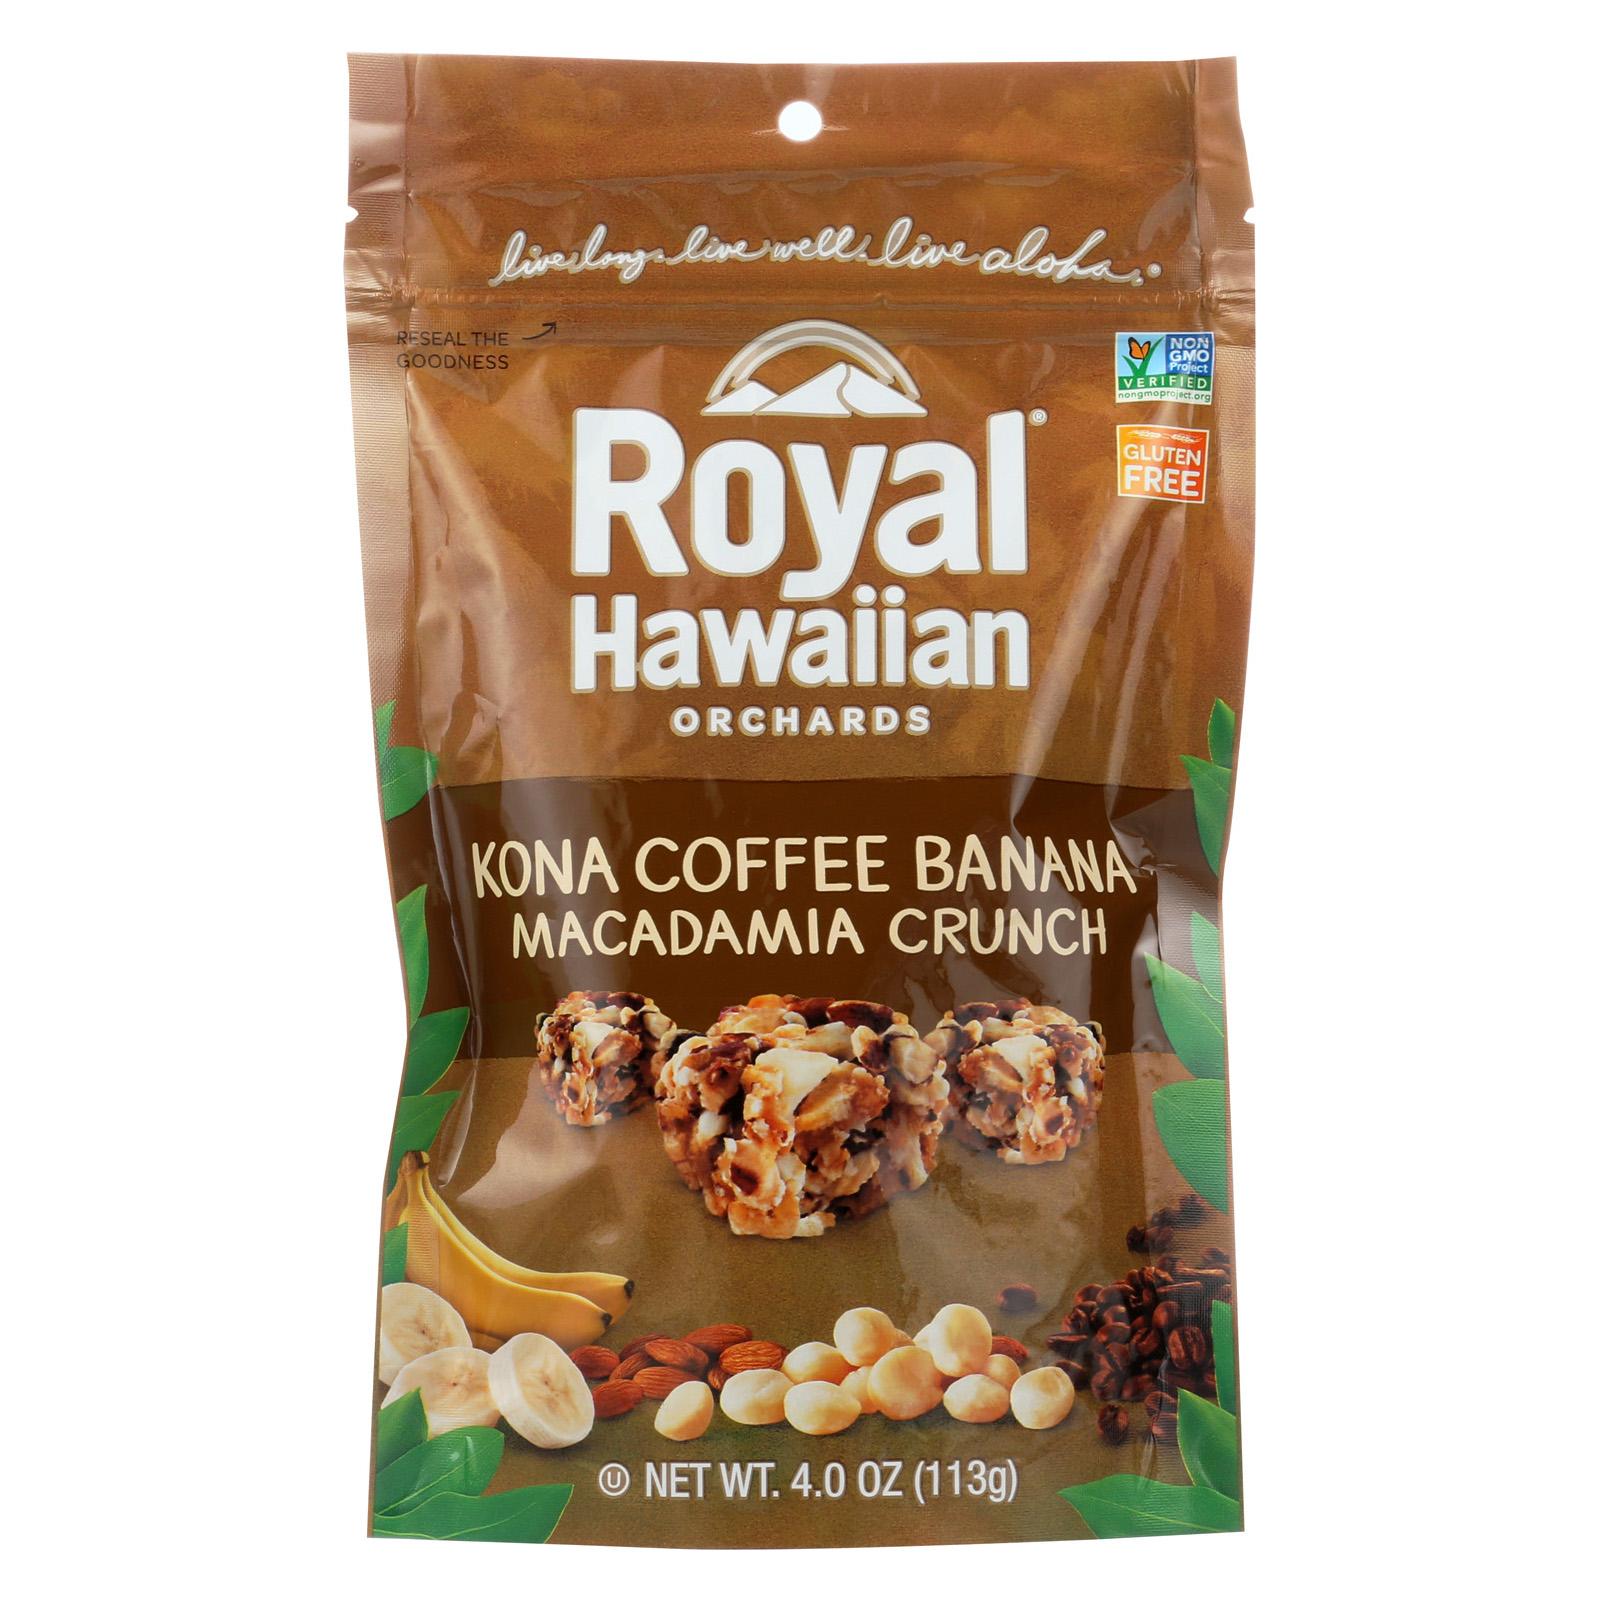 Royal Hawaiian Orchards Macadamia Crunch - Kona Coffee Ba...